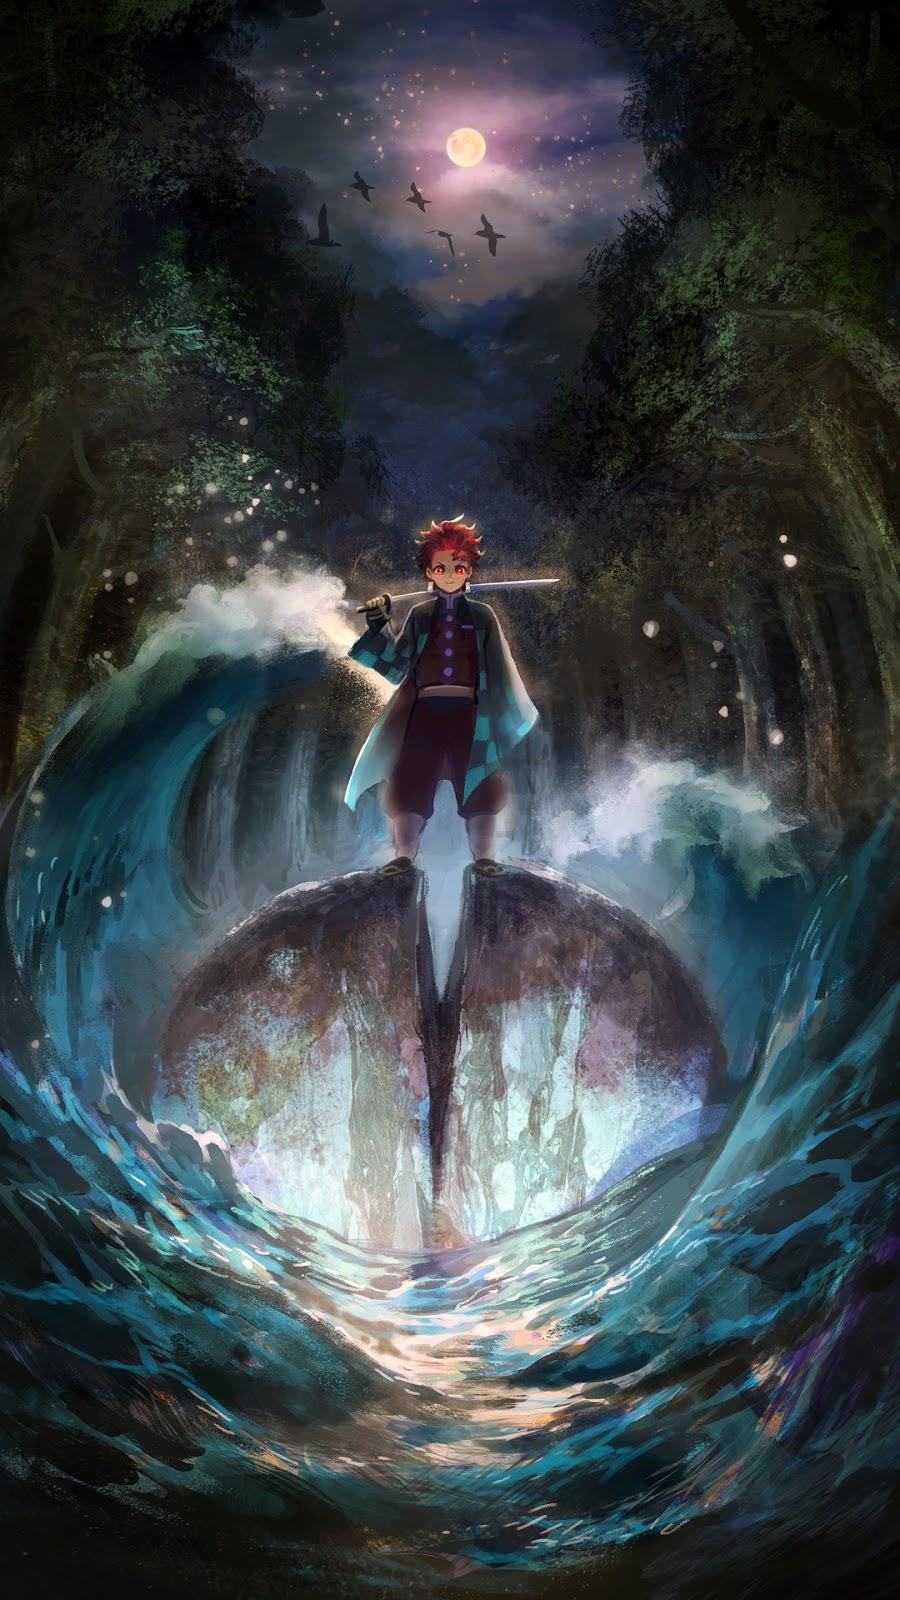 Anime Wallpaper HD: Wallpaper Kimetsu No Yaiba Tanjiro And